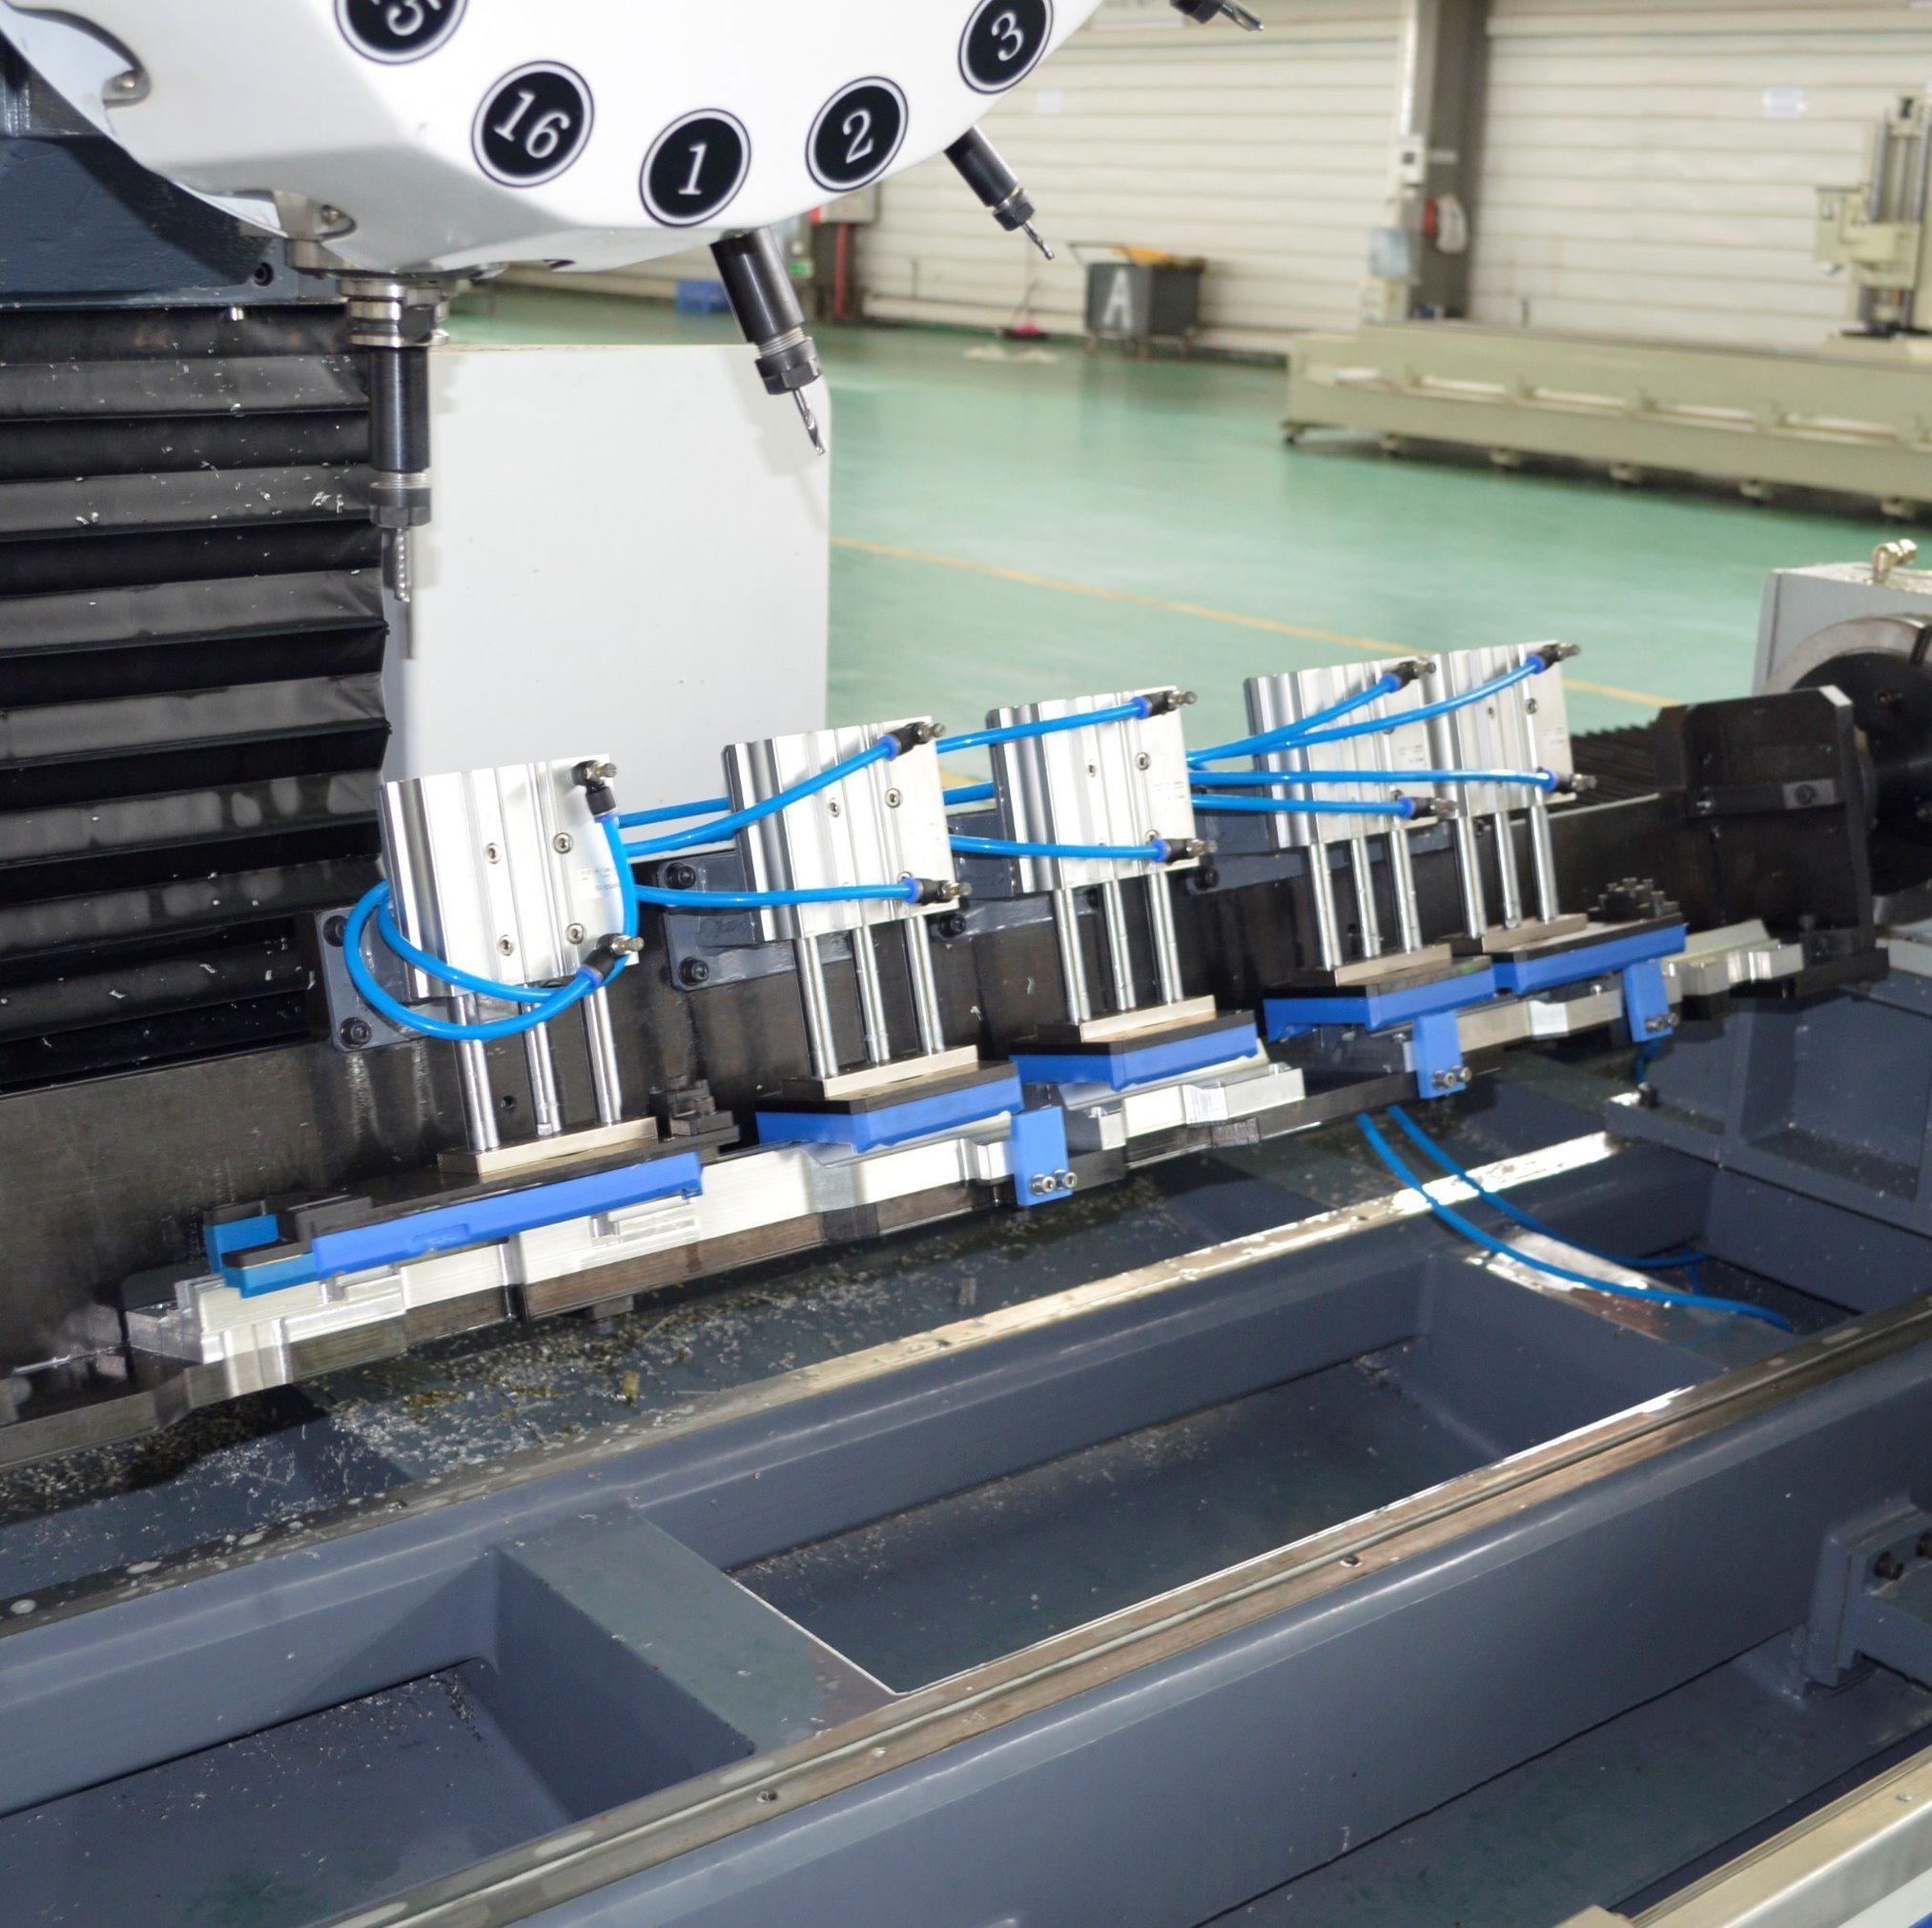 CNC Milling Machinery in Aluminum furniture Processing-Pza